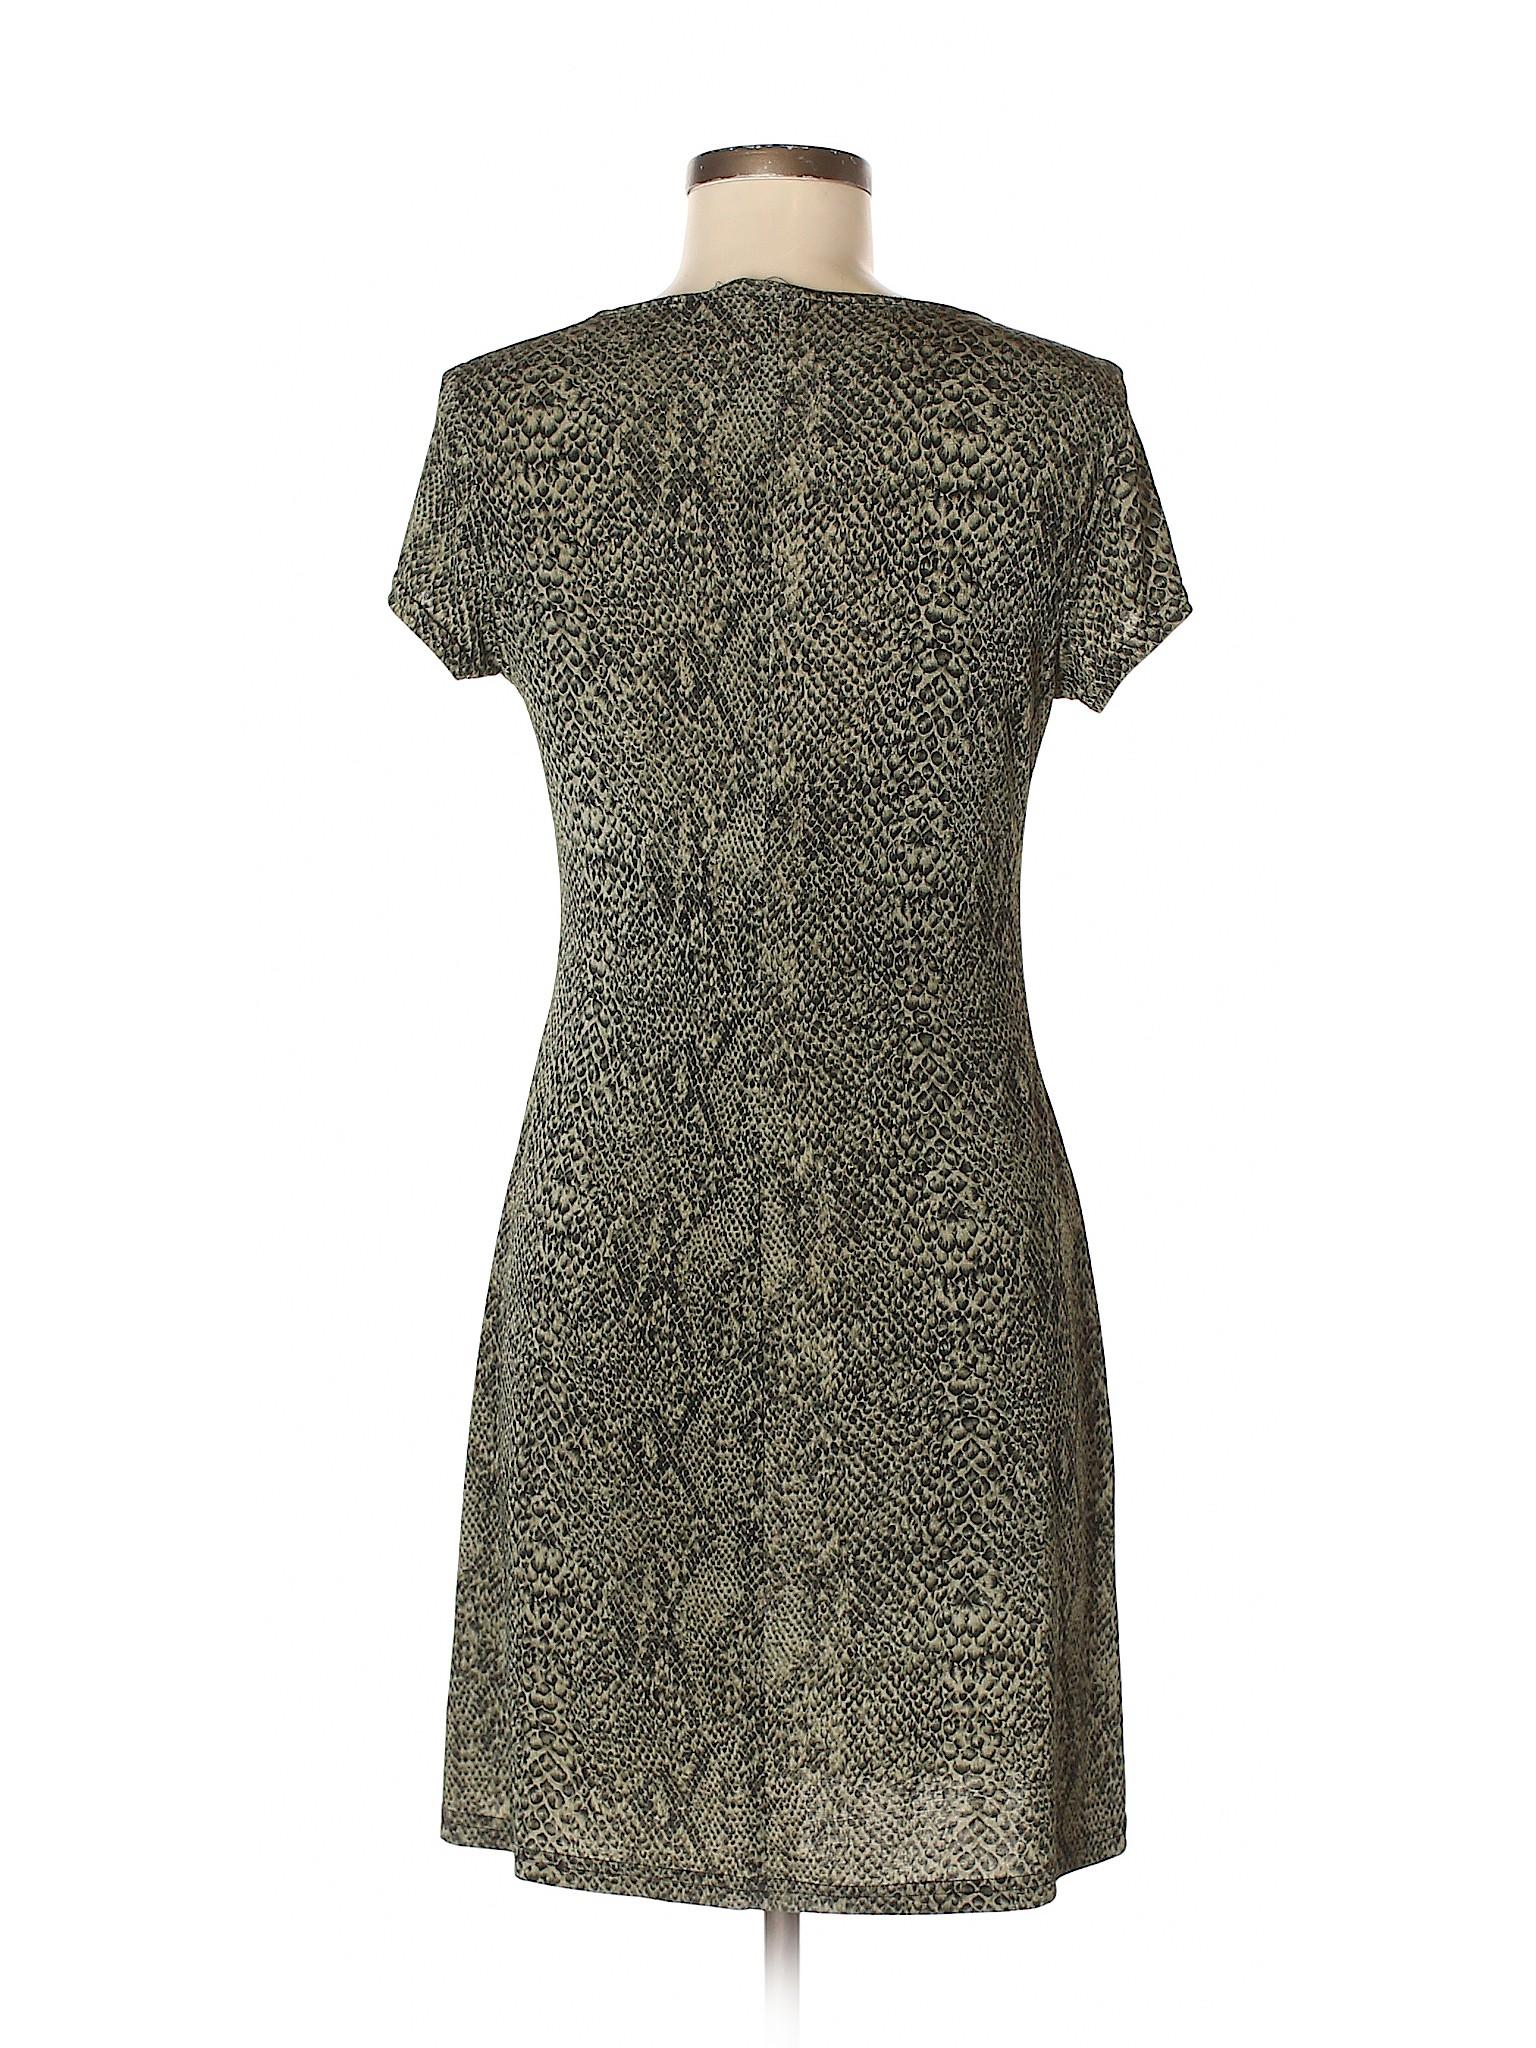 Knapp Dress winter Boutique Casual Studio CXSSw4